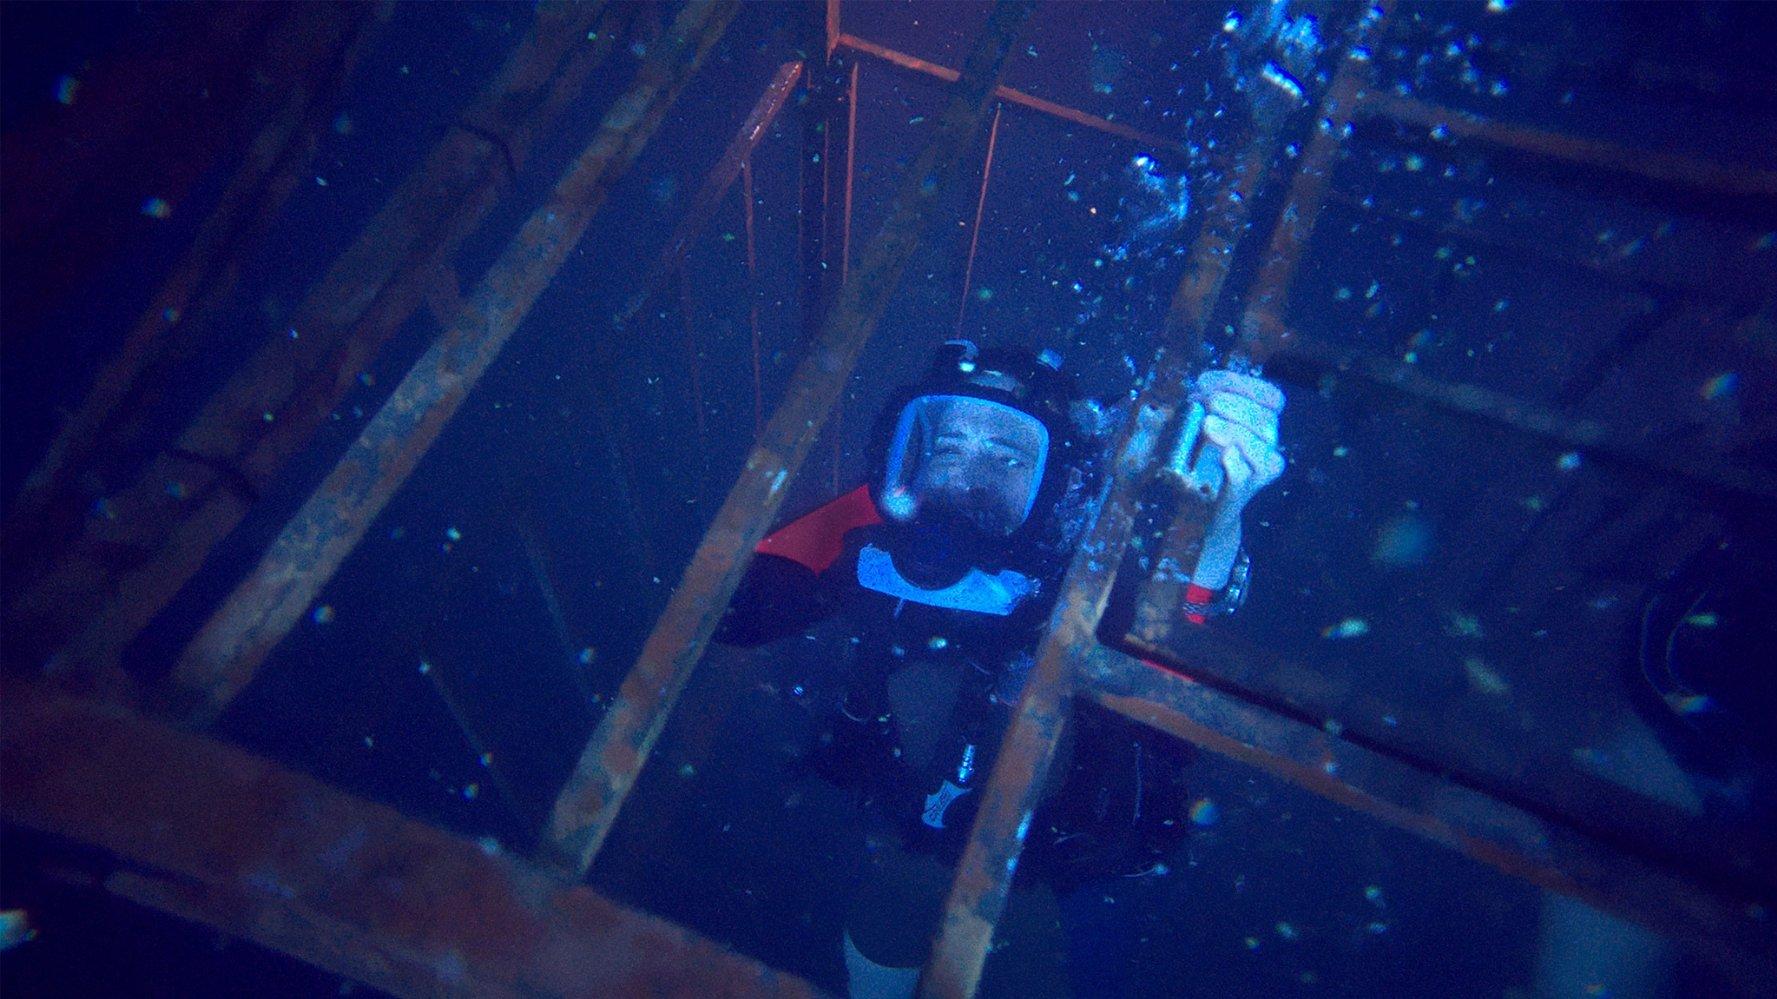 47 Meters Down - Cá mập và tình chị em nắm nem ba đồng - Ảnh